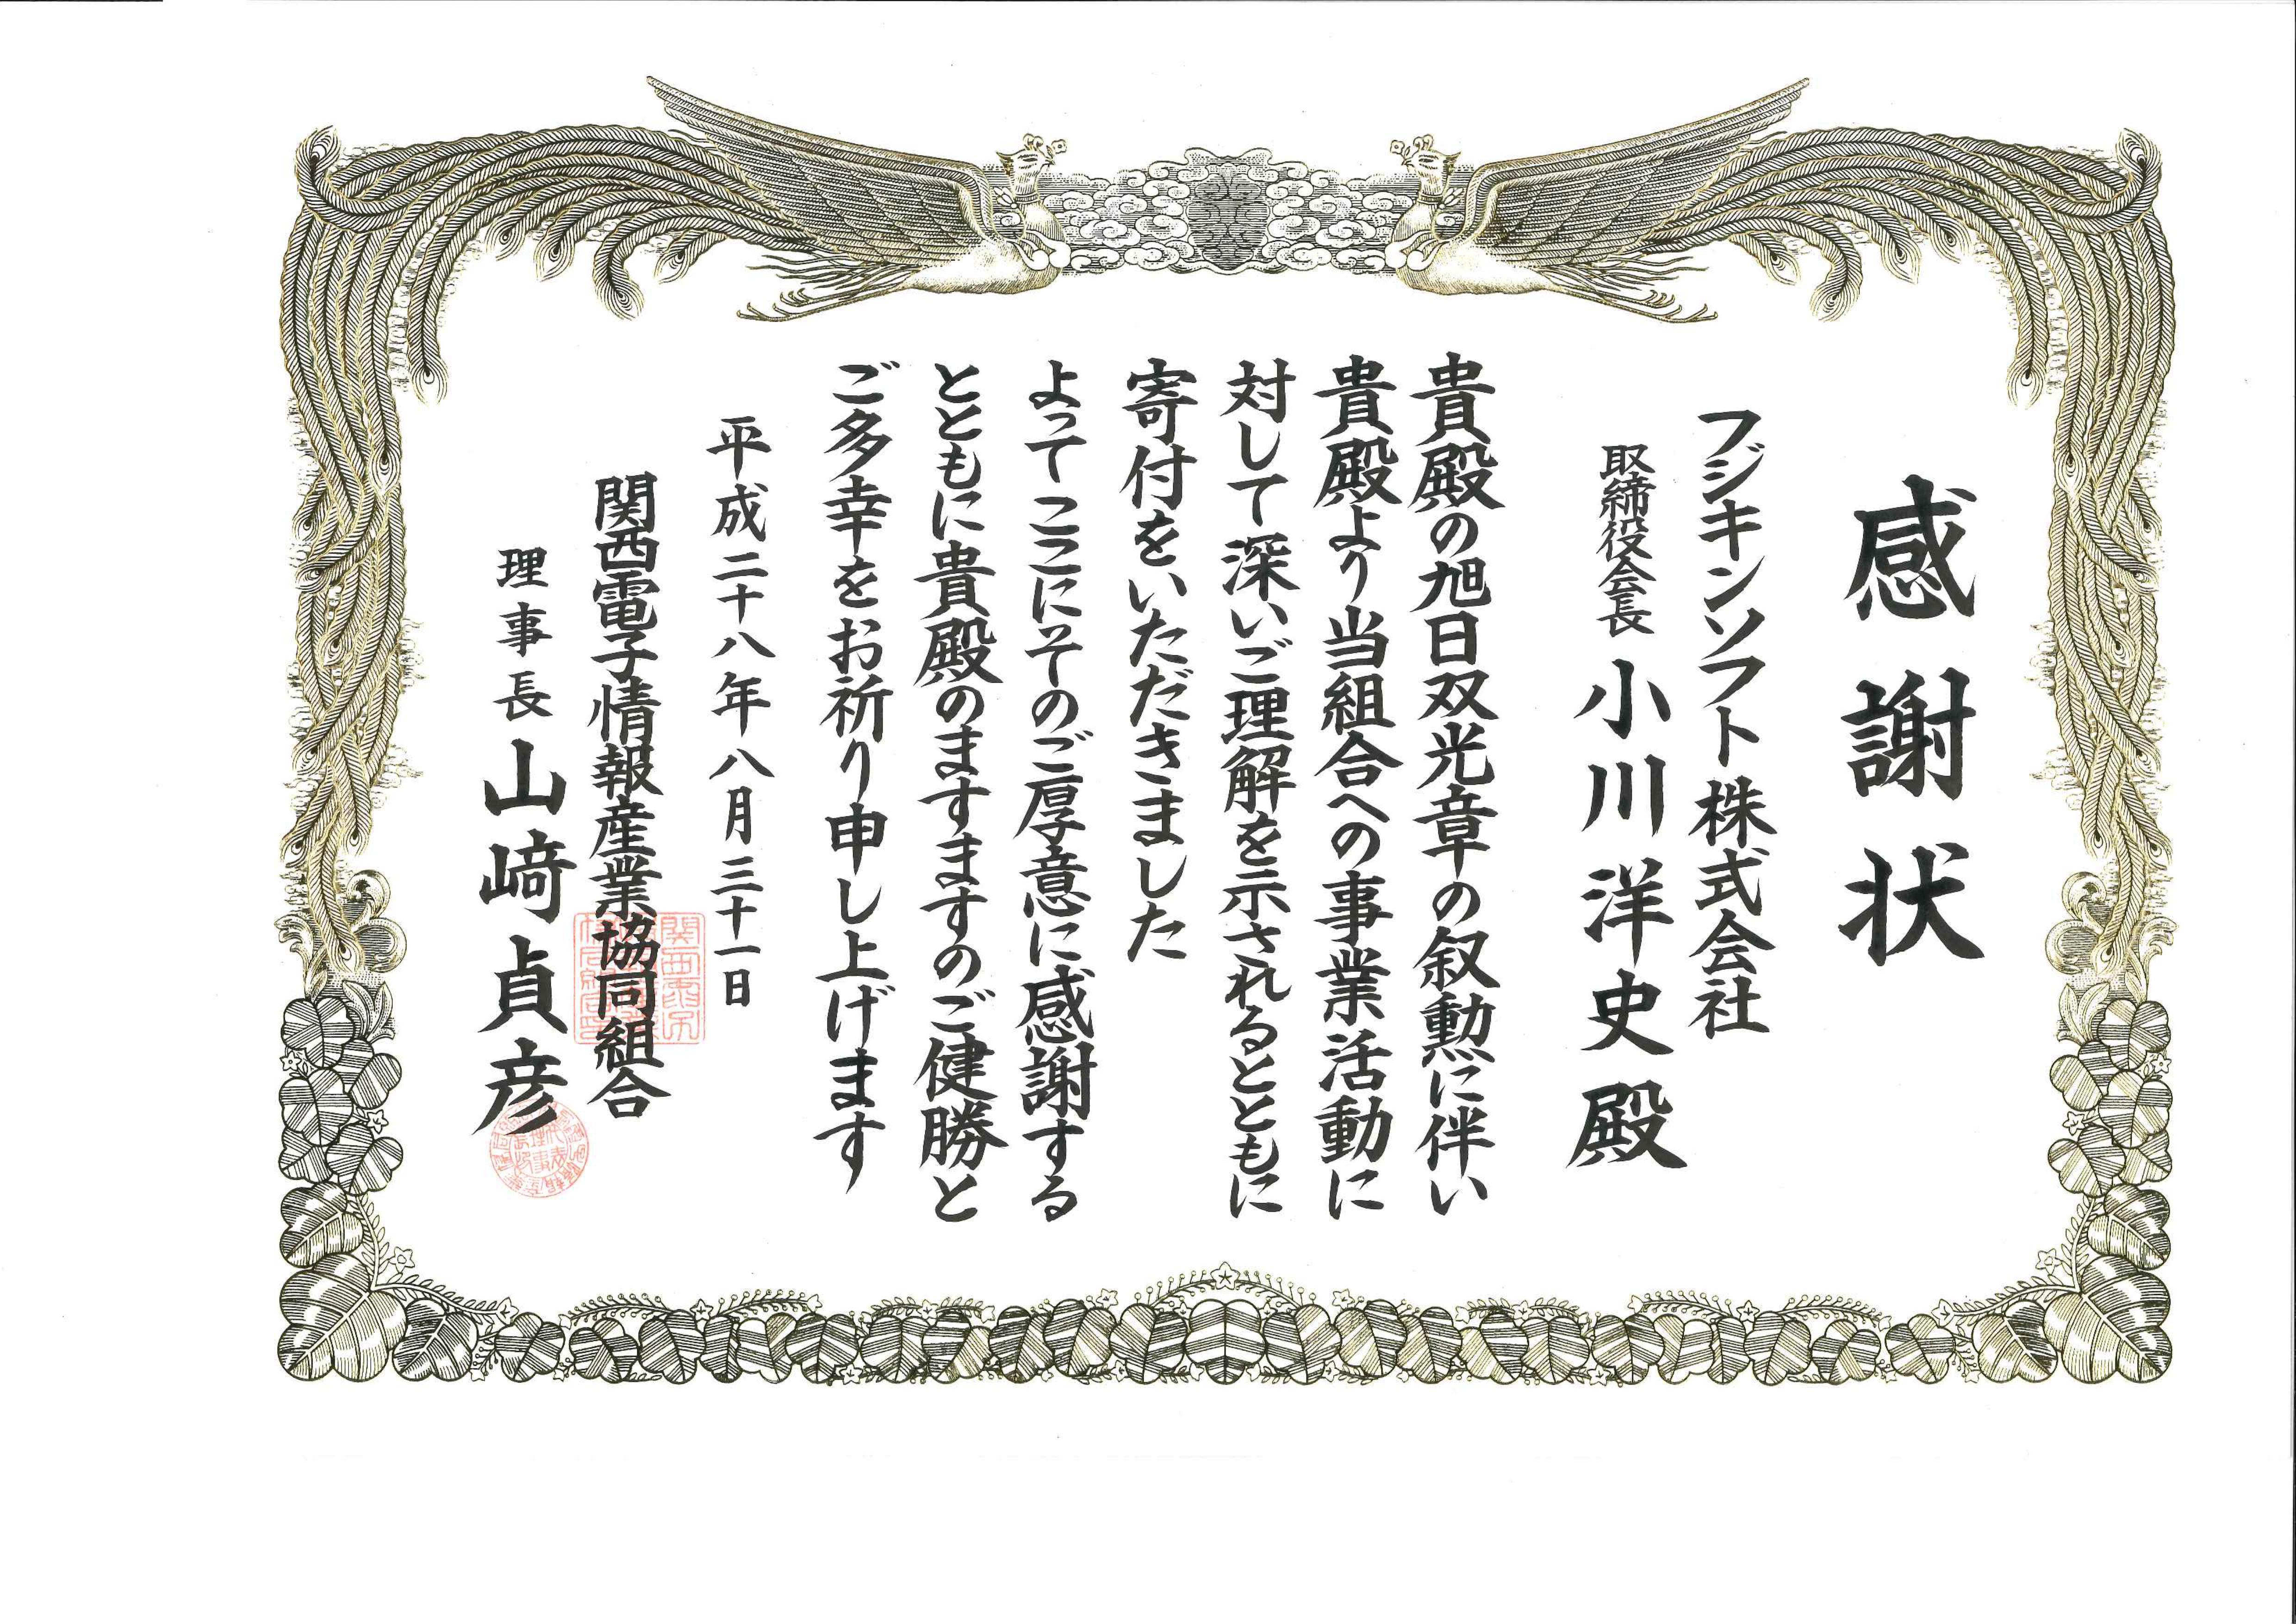 フジキンソフト小川会長感謝状